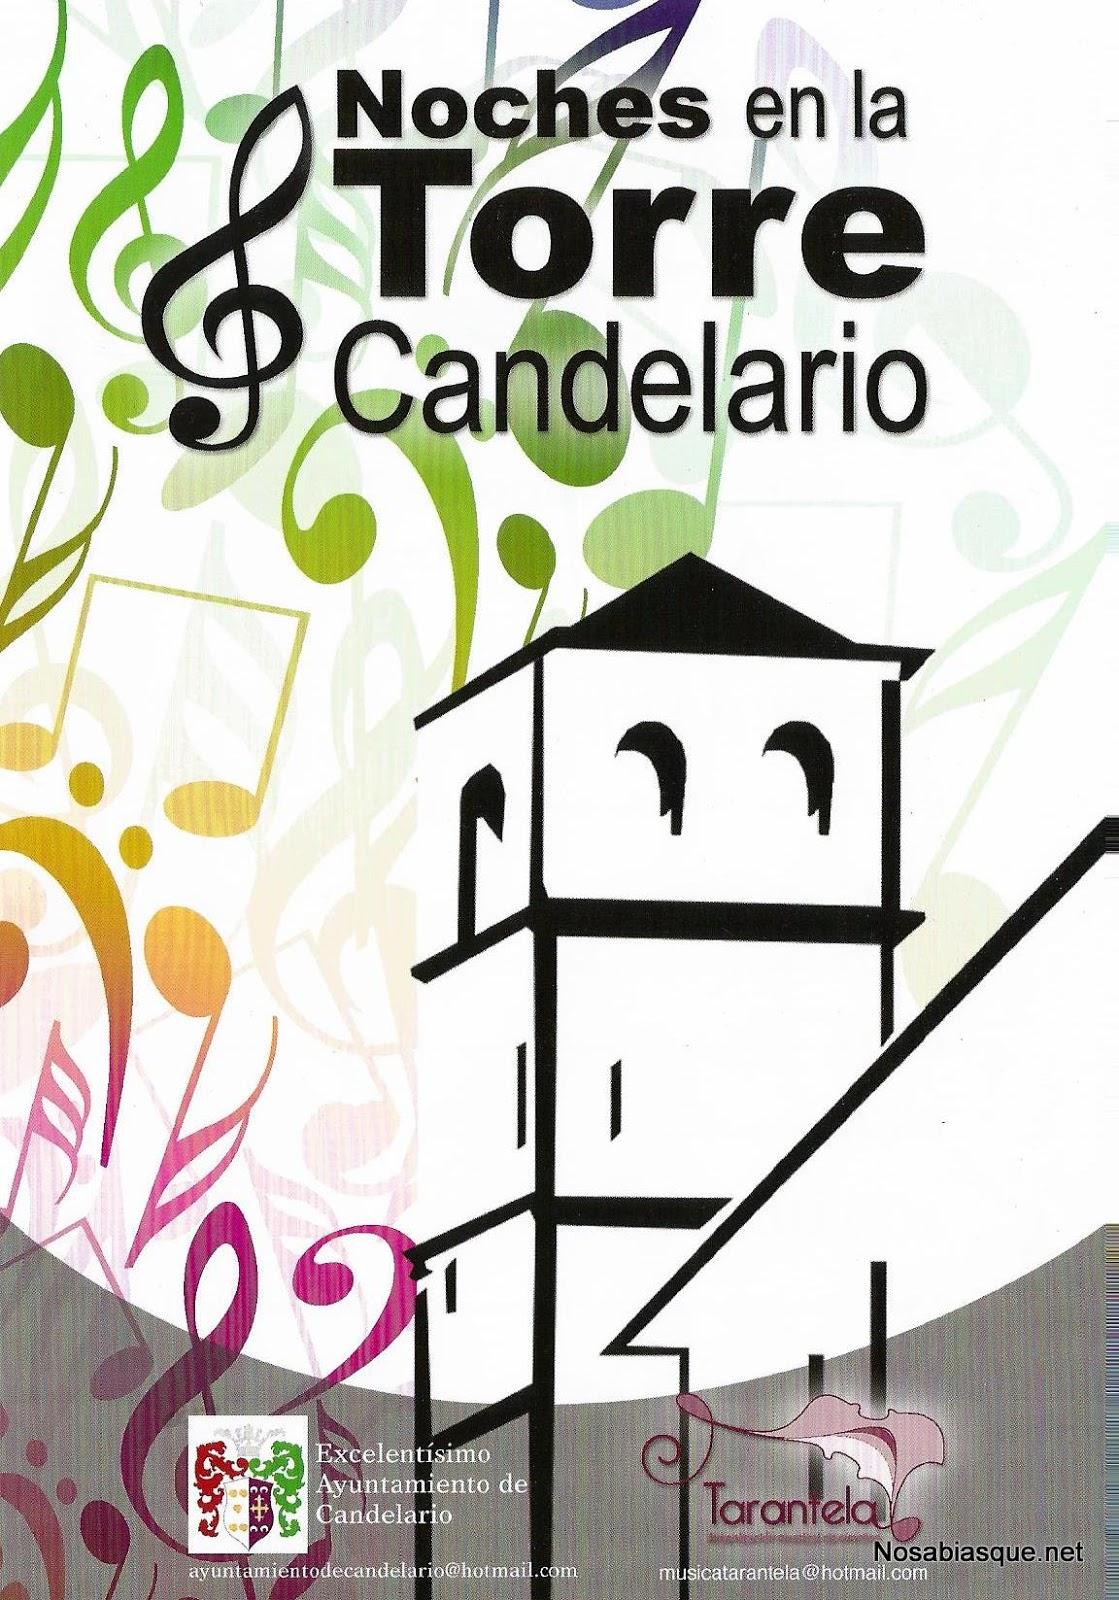 Noches en la Torre de Candelario Salamanca 2013